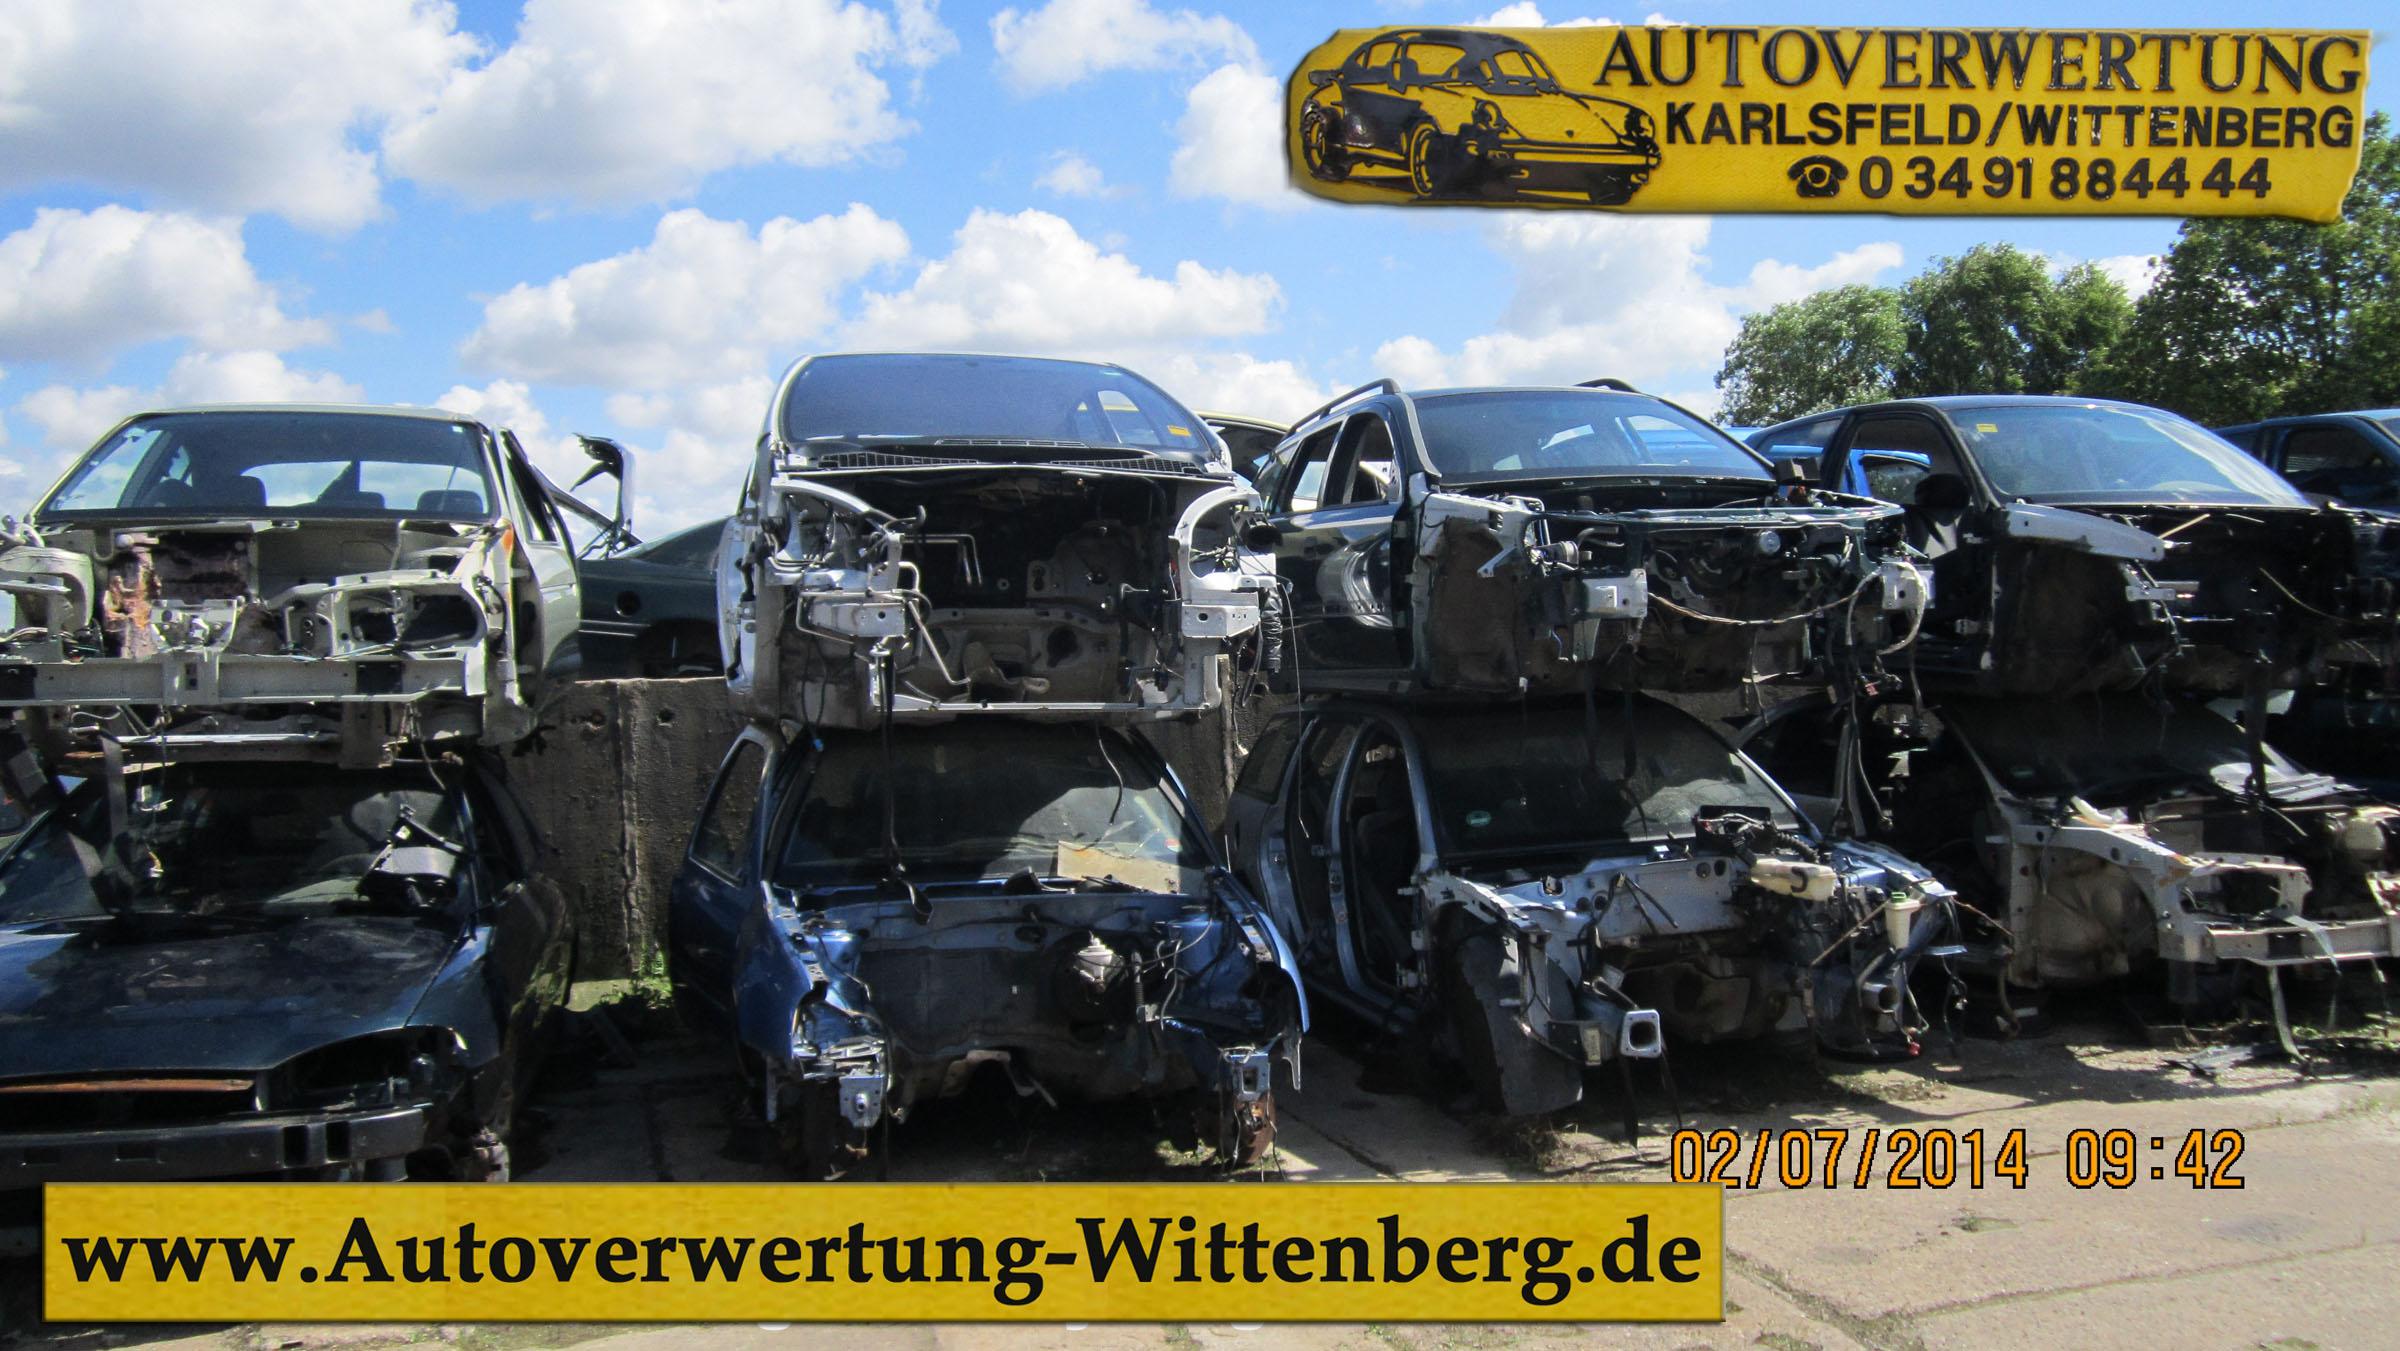 Autoschrottplatz Eiserbeck WB Autoverwertung Wittenberg